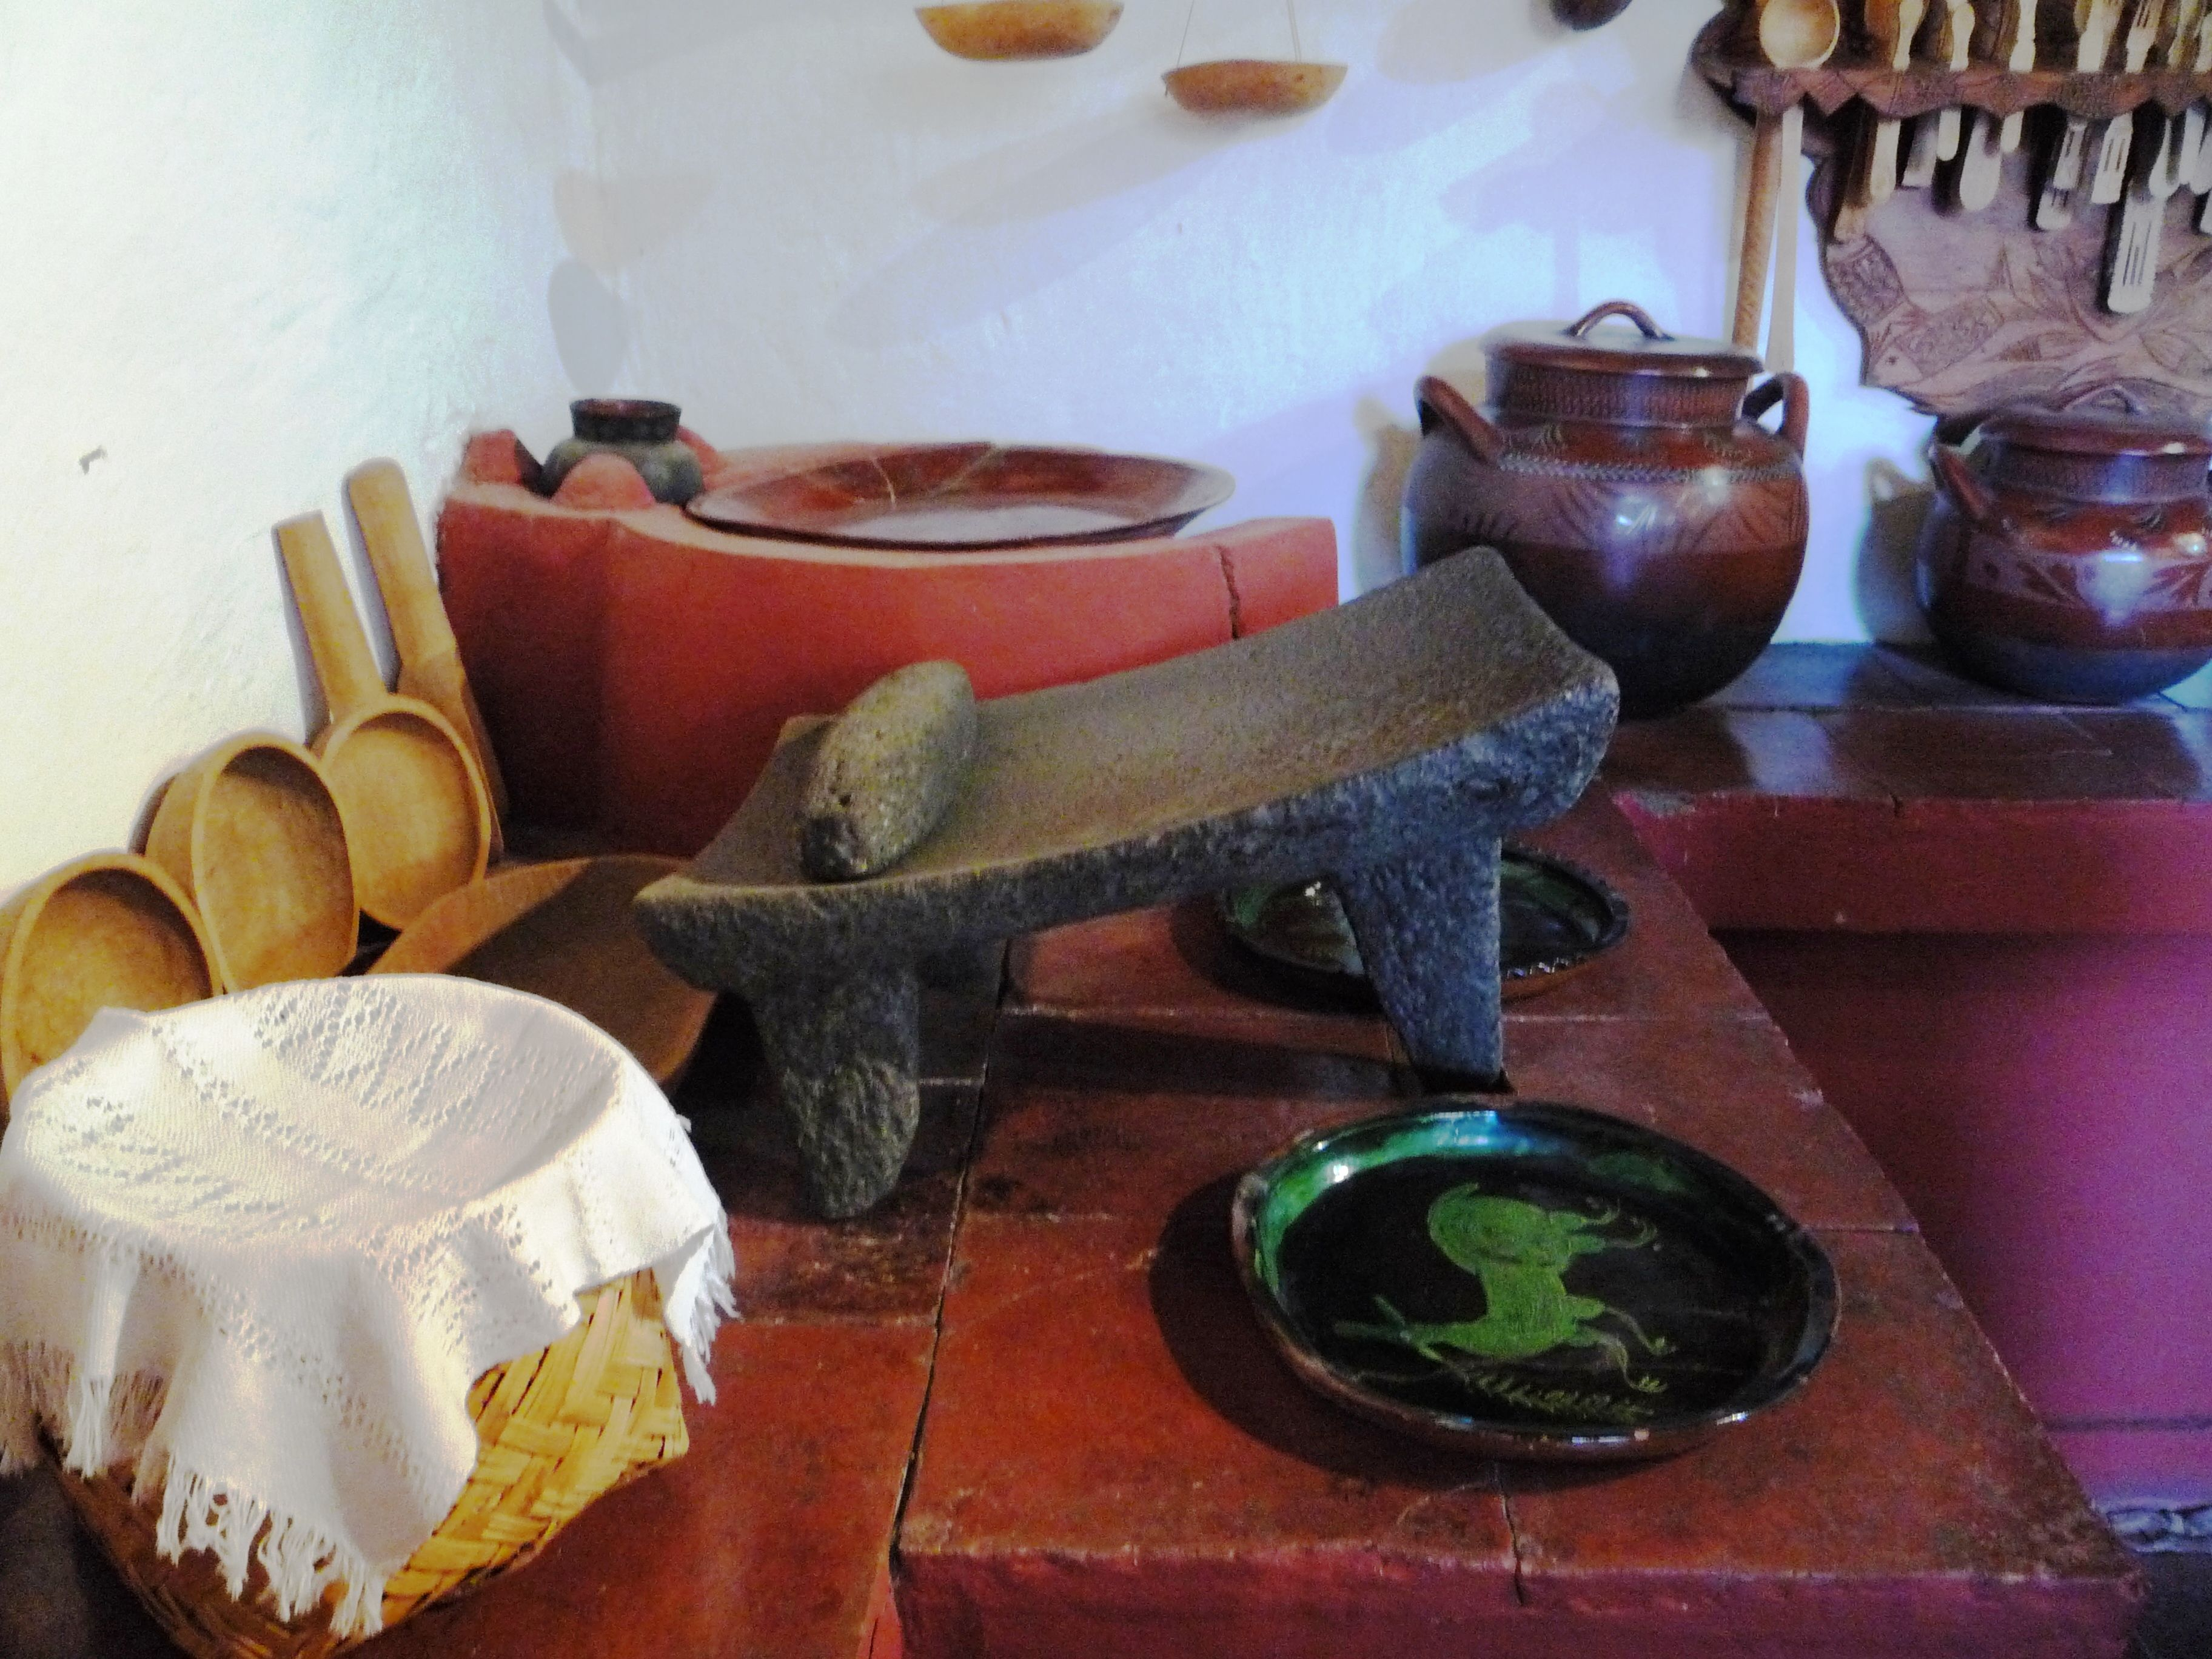 Utensilios de cocina tradicional mexicana metate comal for Utensilios de cocina mexicana